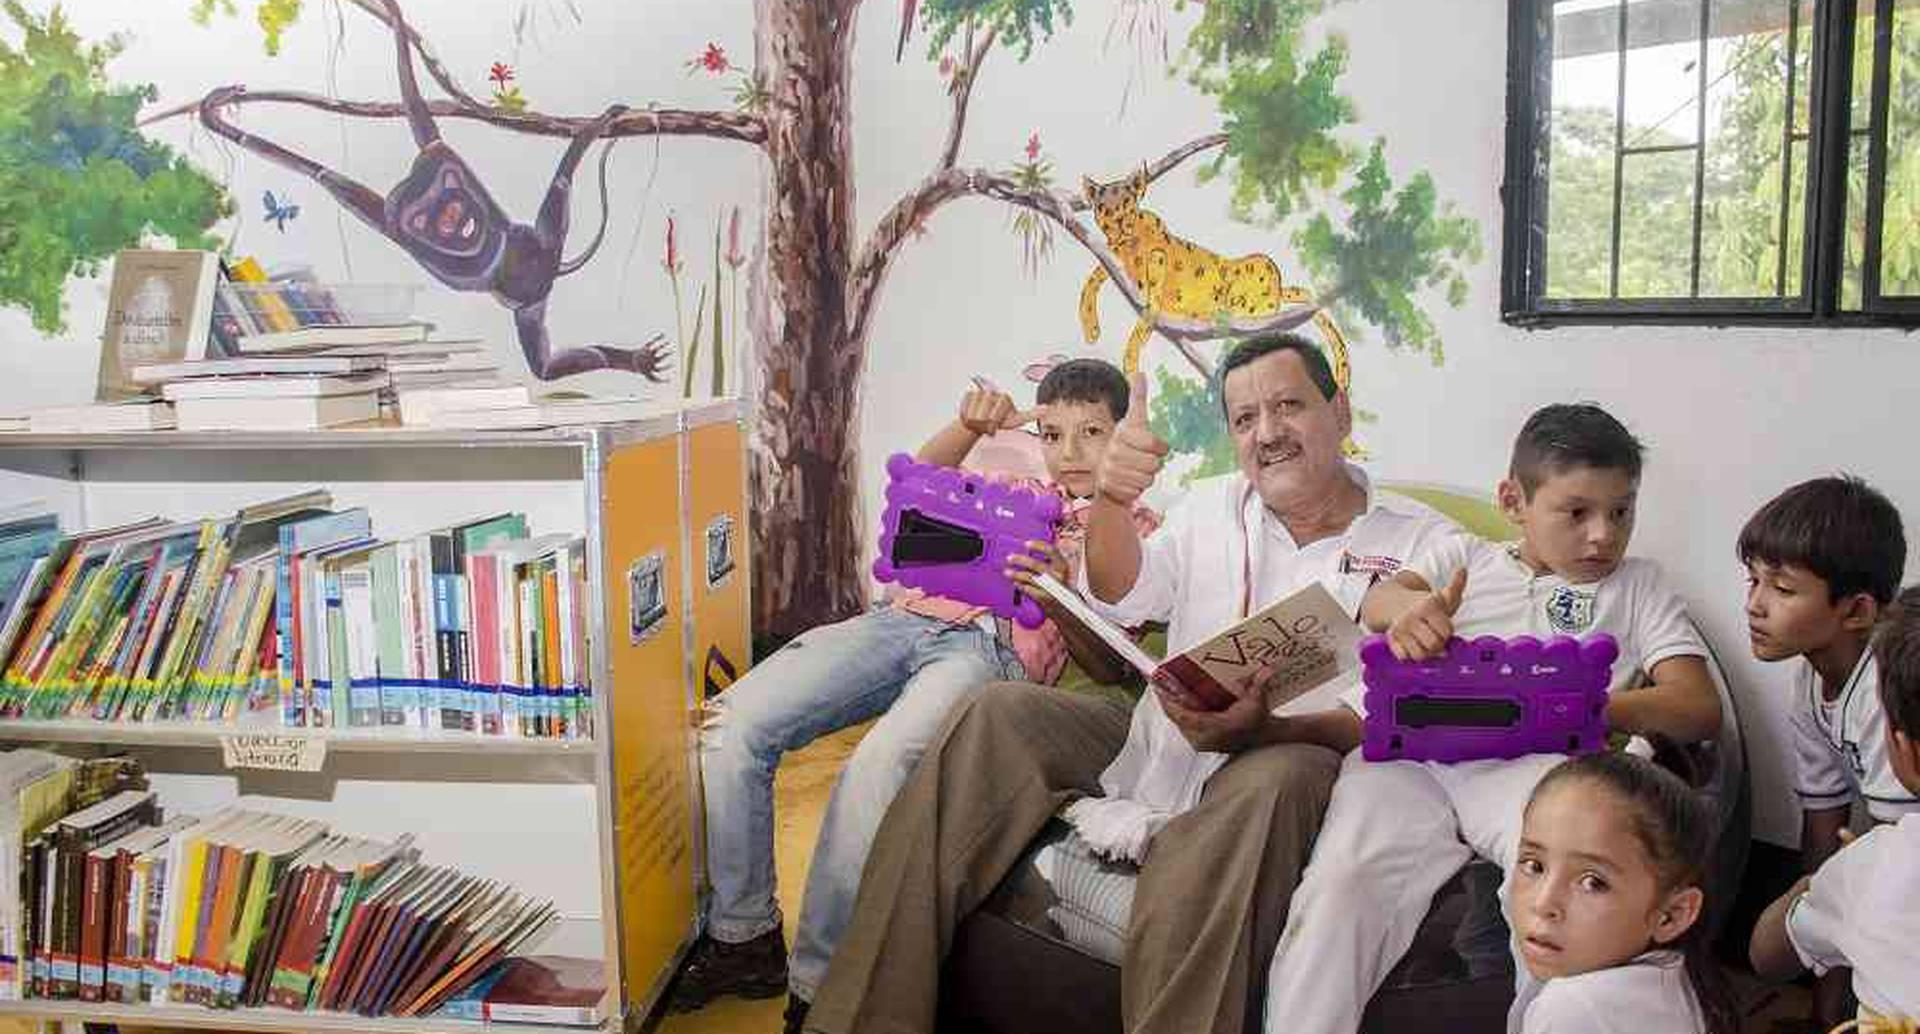 Marco Gordillo, el alcalde del municipio de Vista Hermosa, Meta,  se muestra feliz por la construcción de la biblioteca publica móvil en la escuela de la vereda La Cooperativa. Foto:  Diana Rey / SEMANA